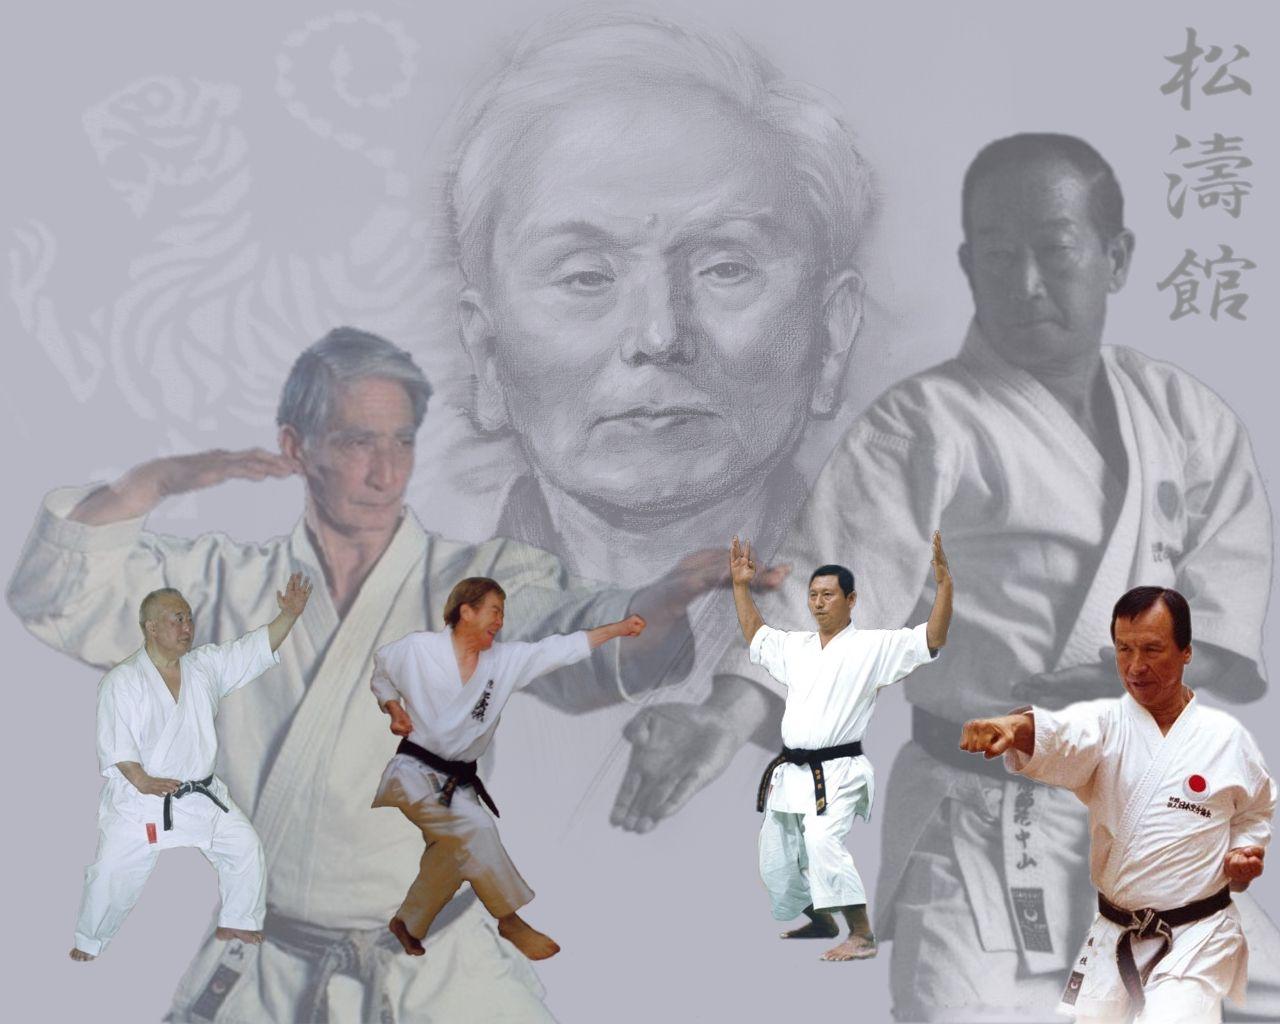 Shotokan Masters Wallpaper Shotokan Shotokan Karate